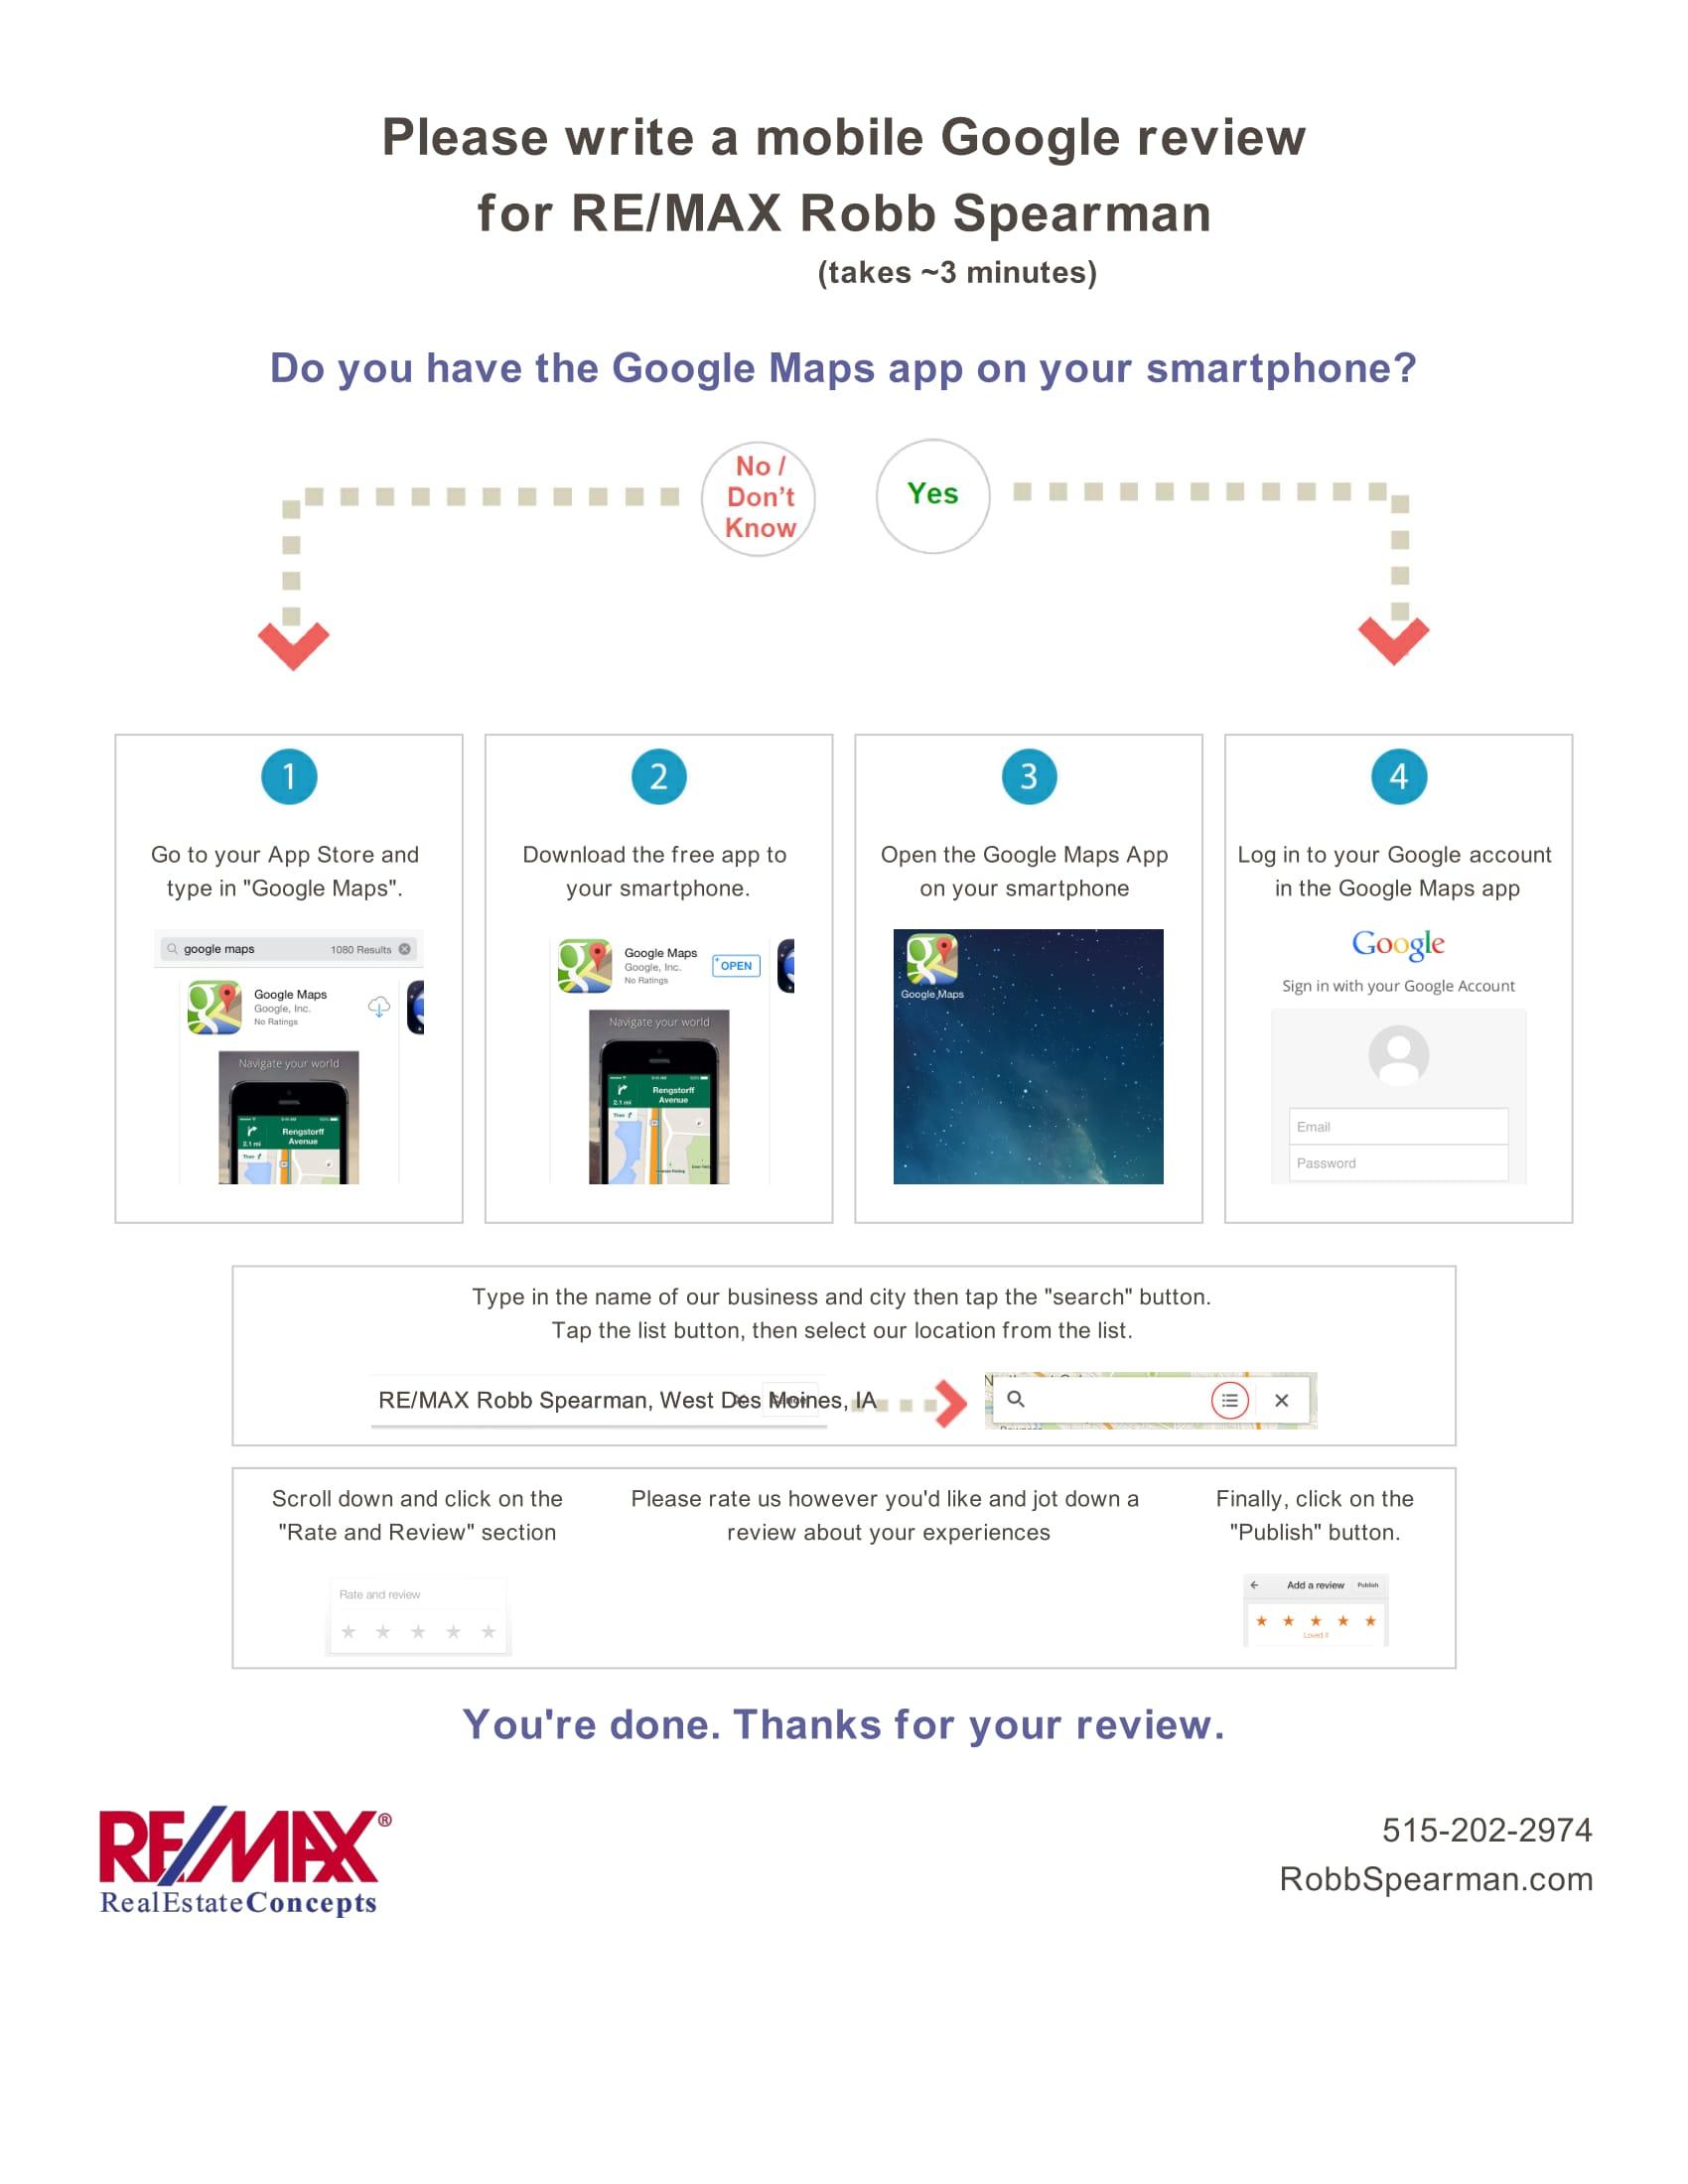 Google Review Google Map Robb Spearman RE/MAX West Des Moines & Des Moines